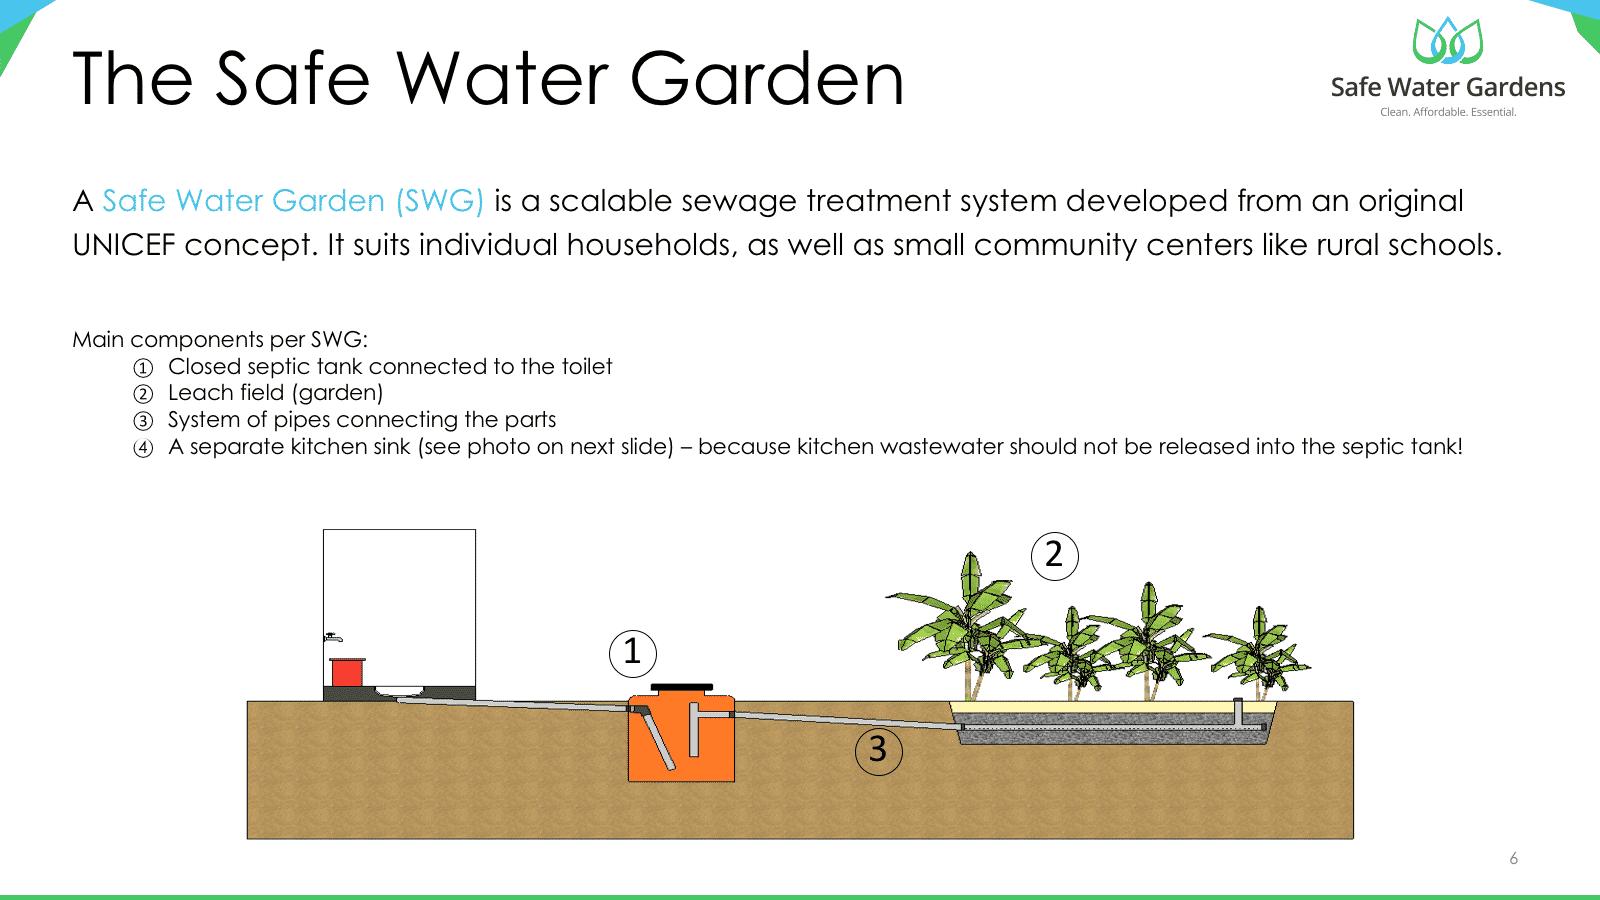 The Safe Water Garden concept